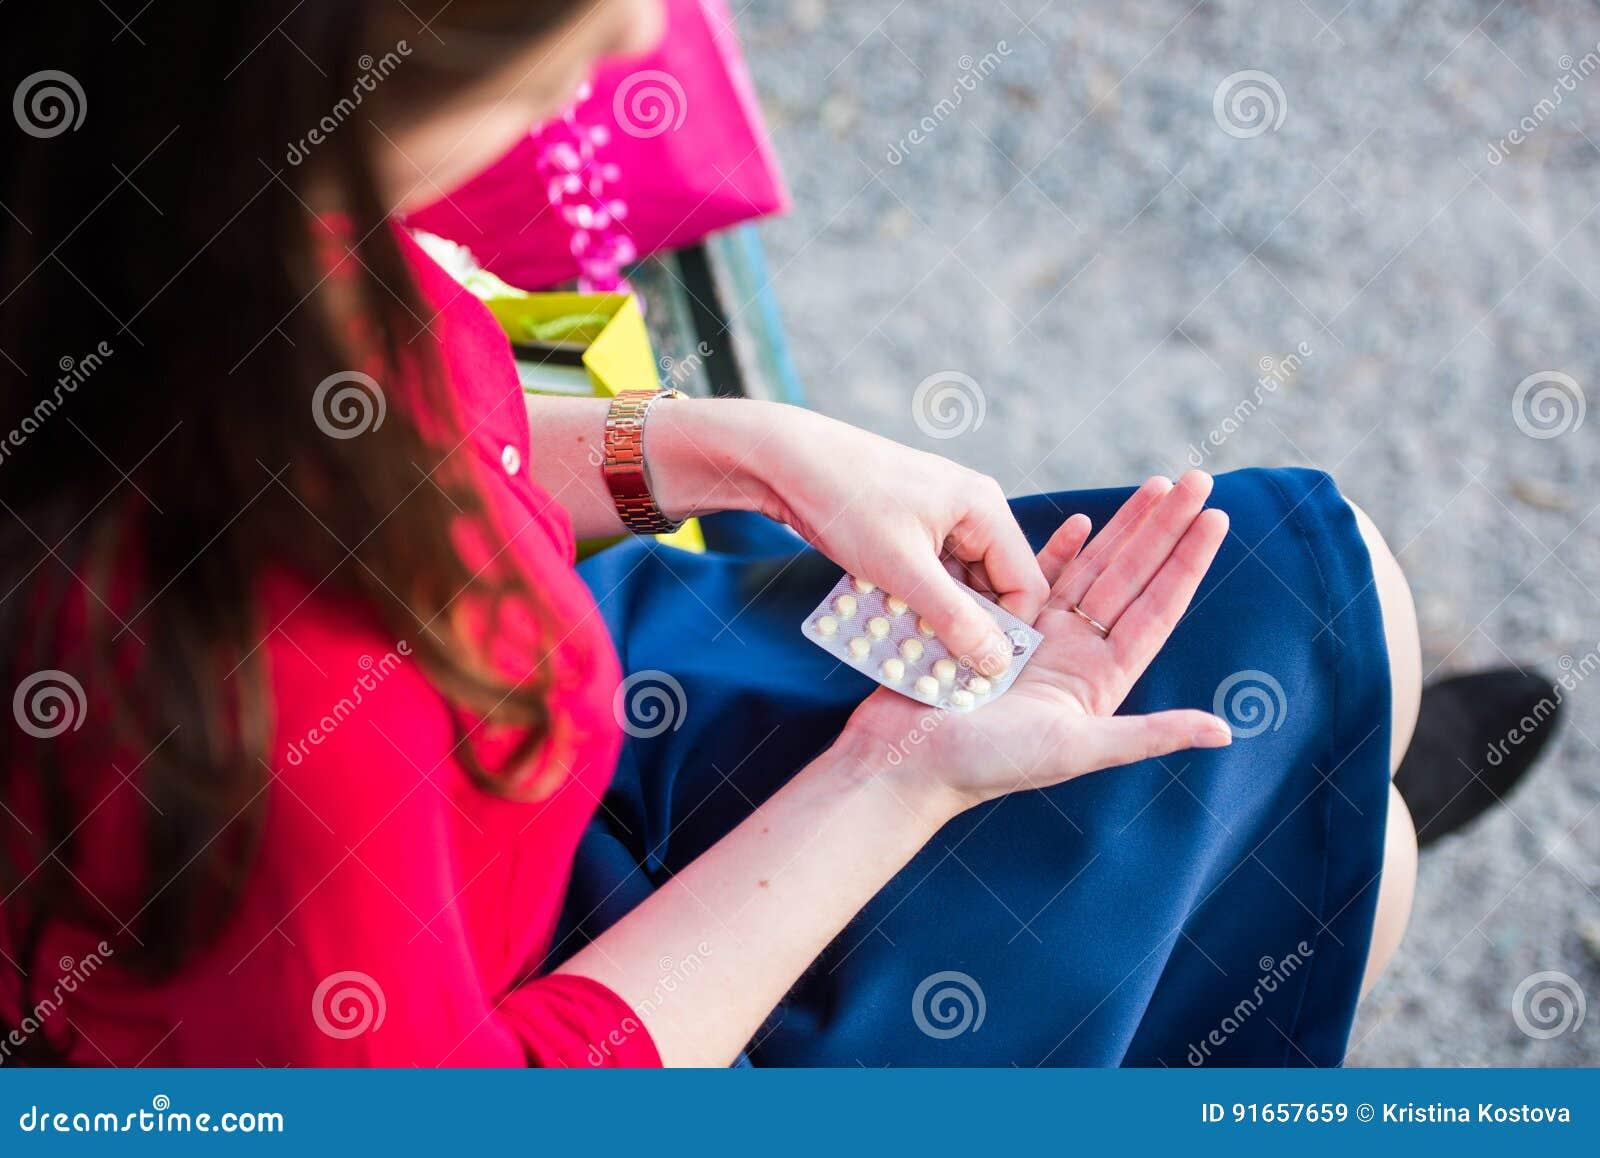 Το νέο κορίτσι παίρνει ένα χάπι στο πάρκο